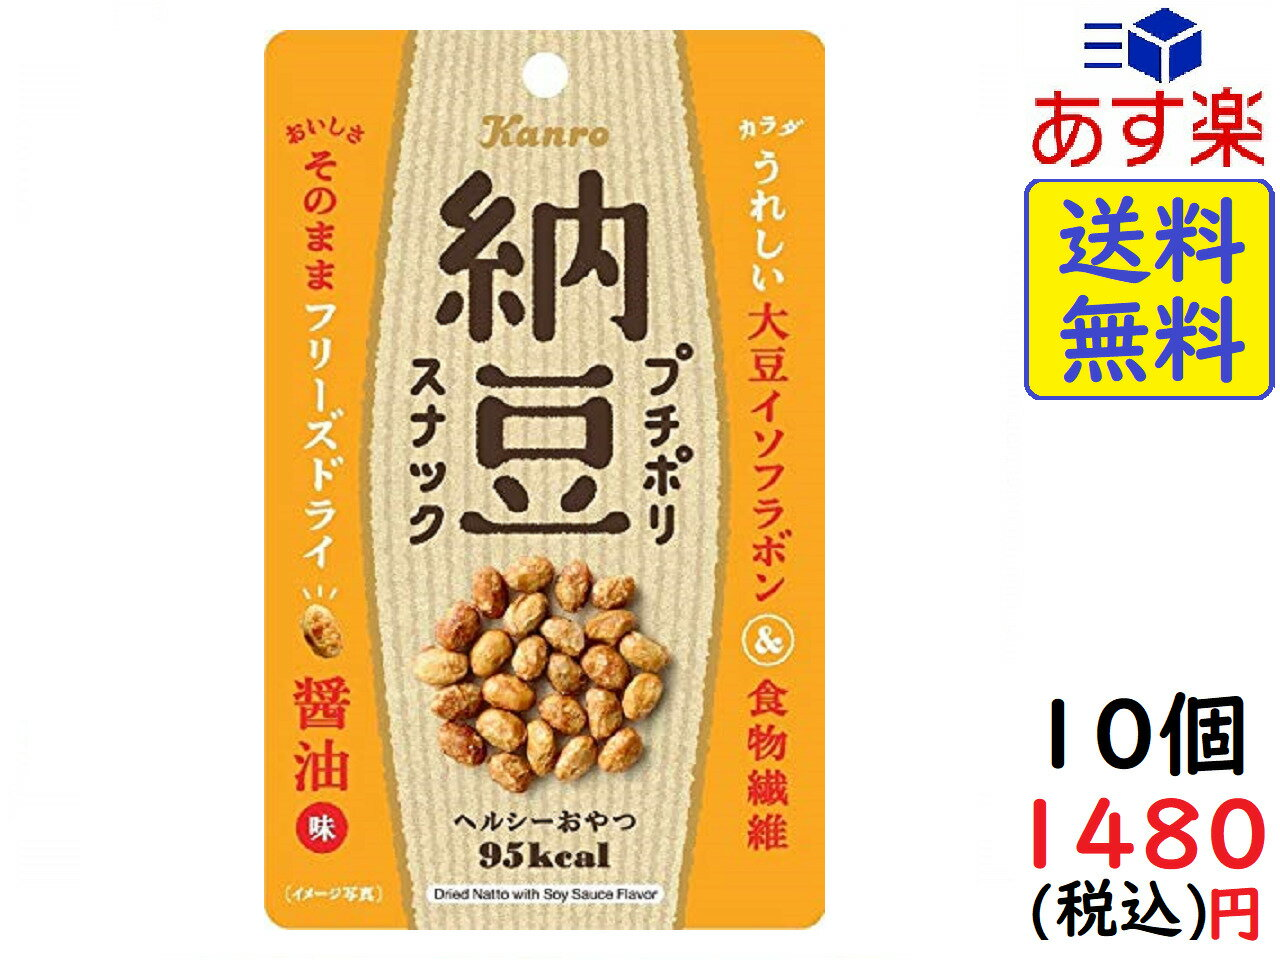 カンロ プチポリ納豆スナック醤油味 20g×10個 賞味期限残り6ヶ月以上